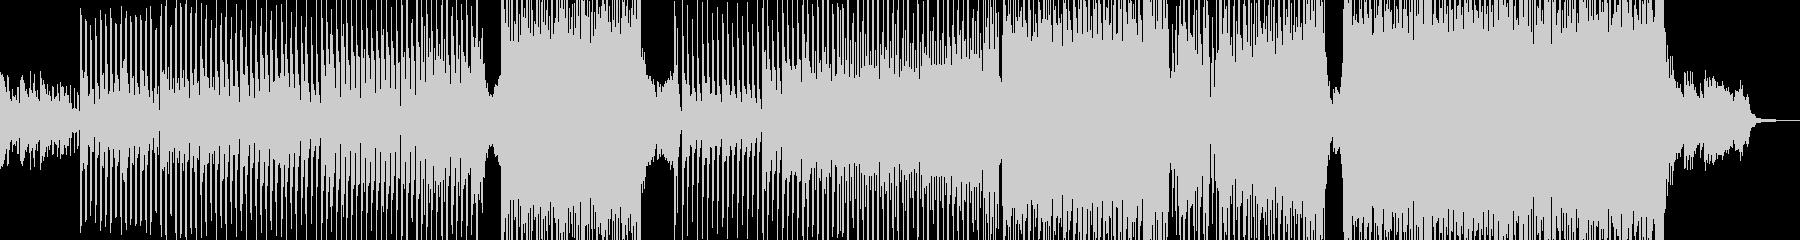 希望・涙を笑顔に テクノ・ピアノ無 Sの未再生の波形